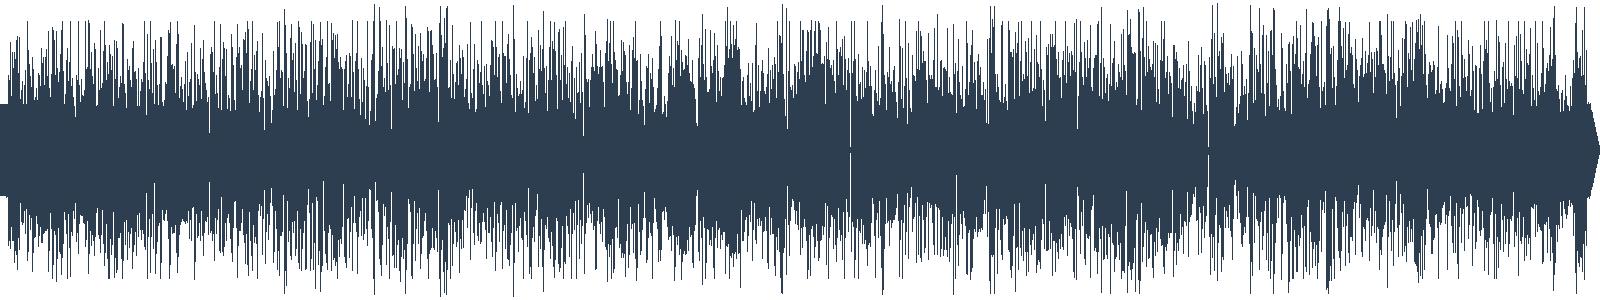 Audinovinky #6 - Počítáme ovečky waveform